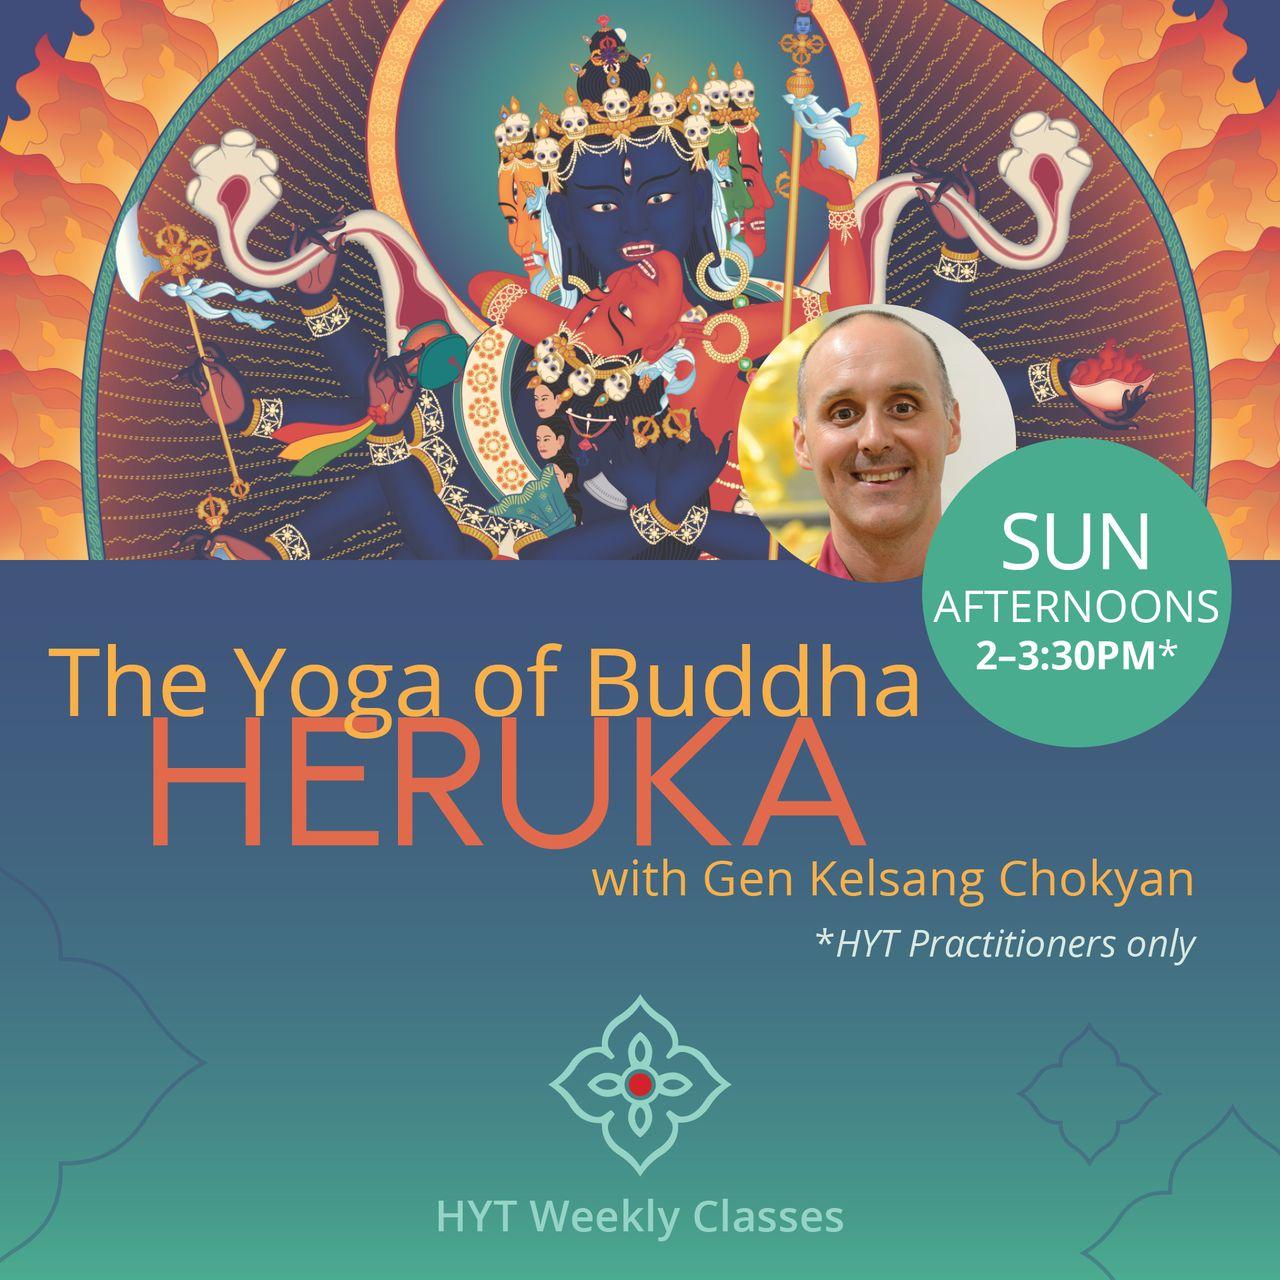 Yoga of Buddha Heruka